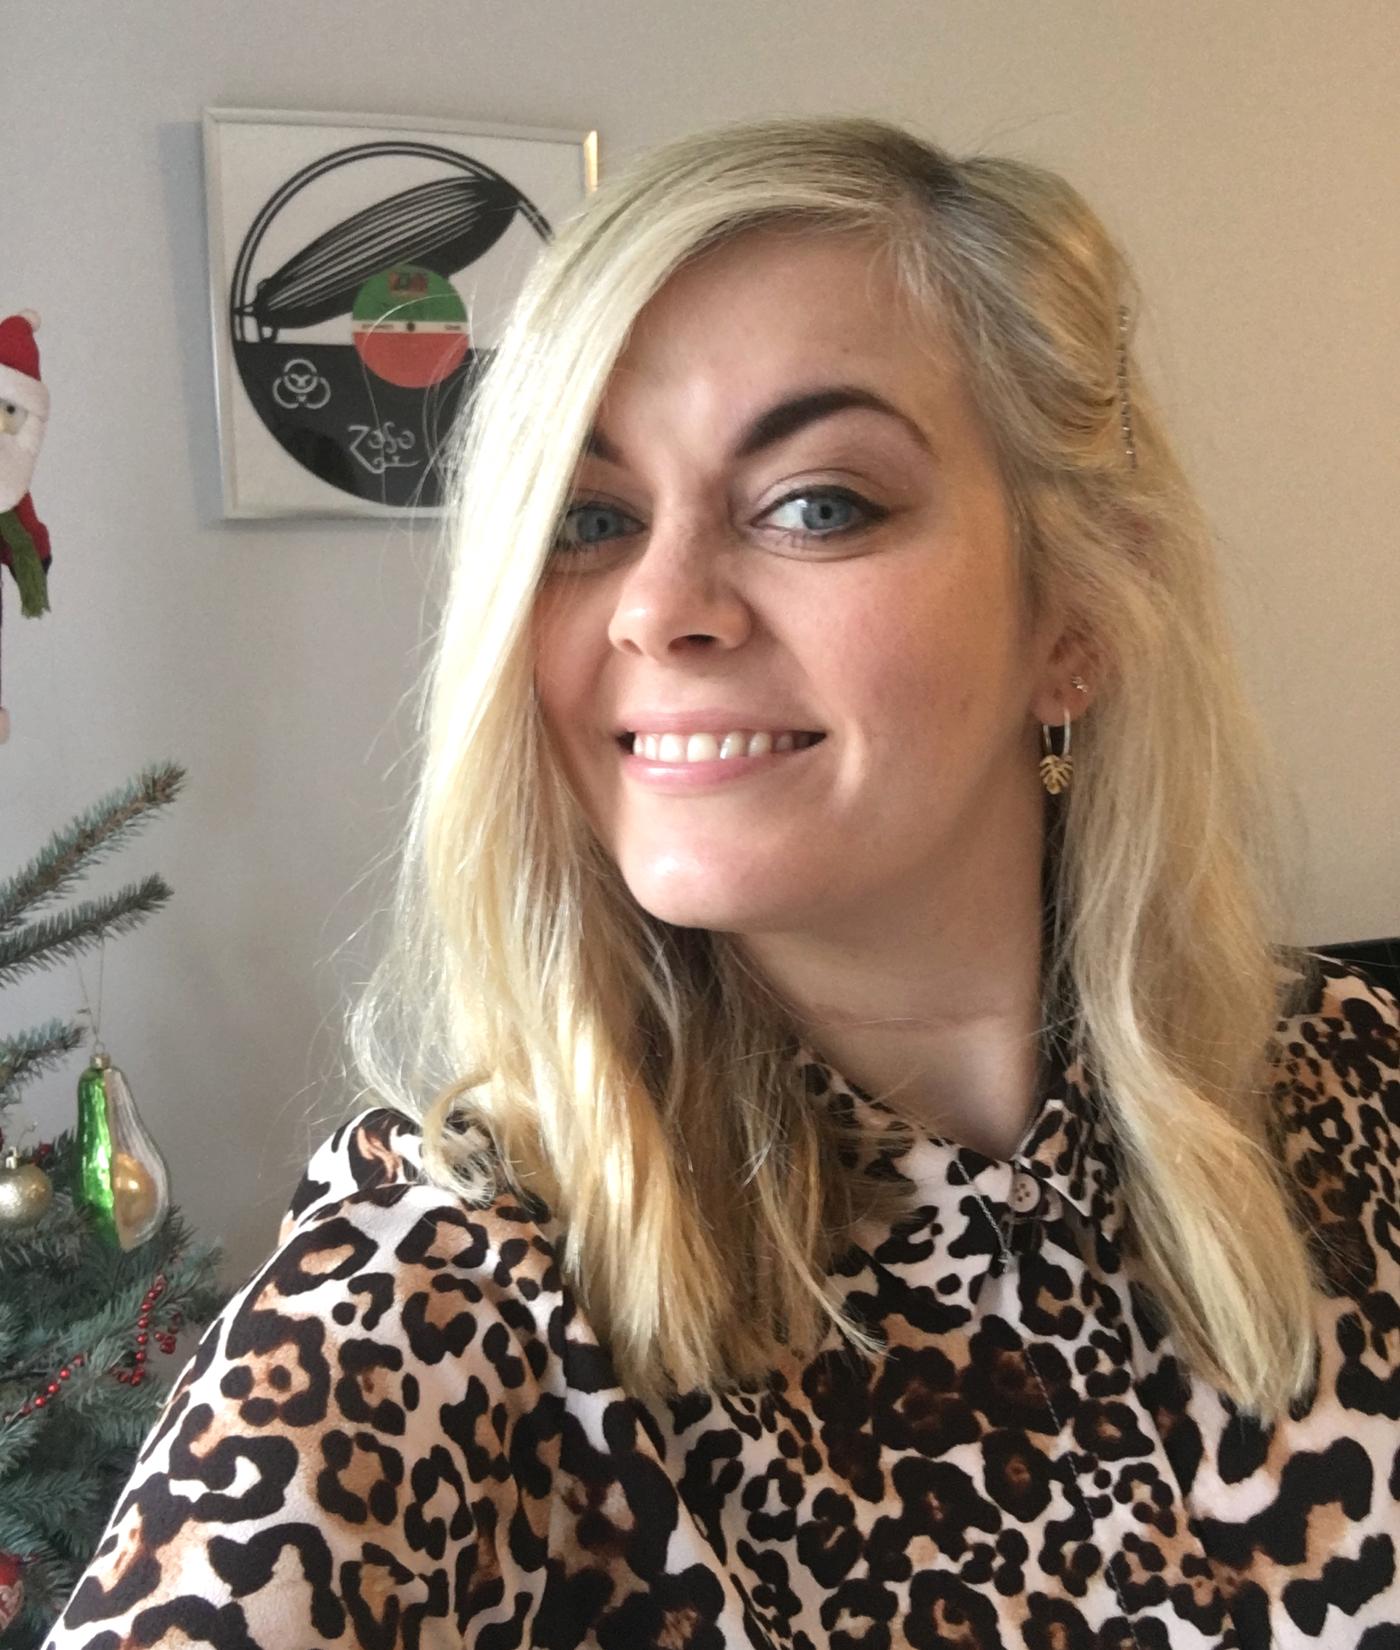 leopard dress selfie